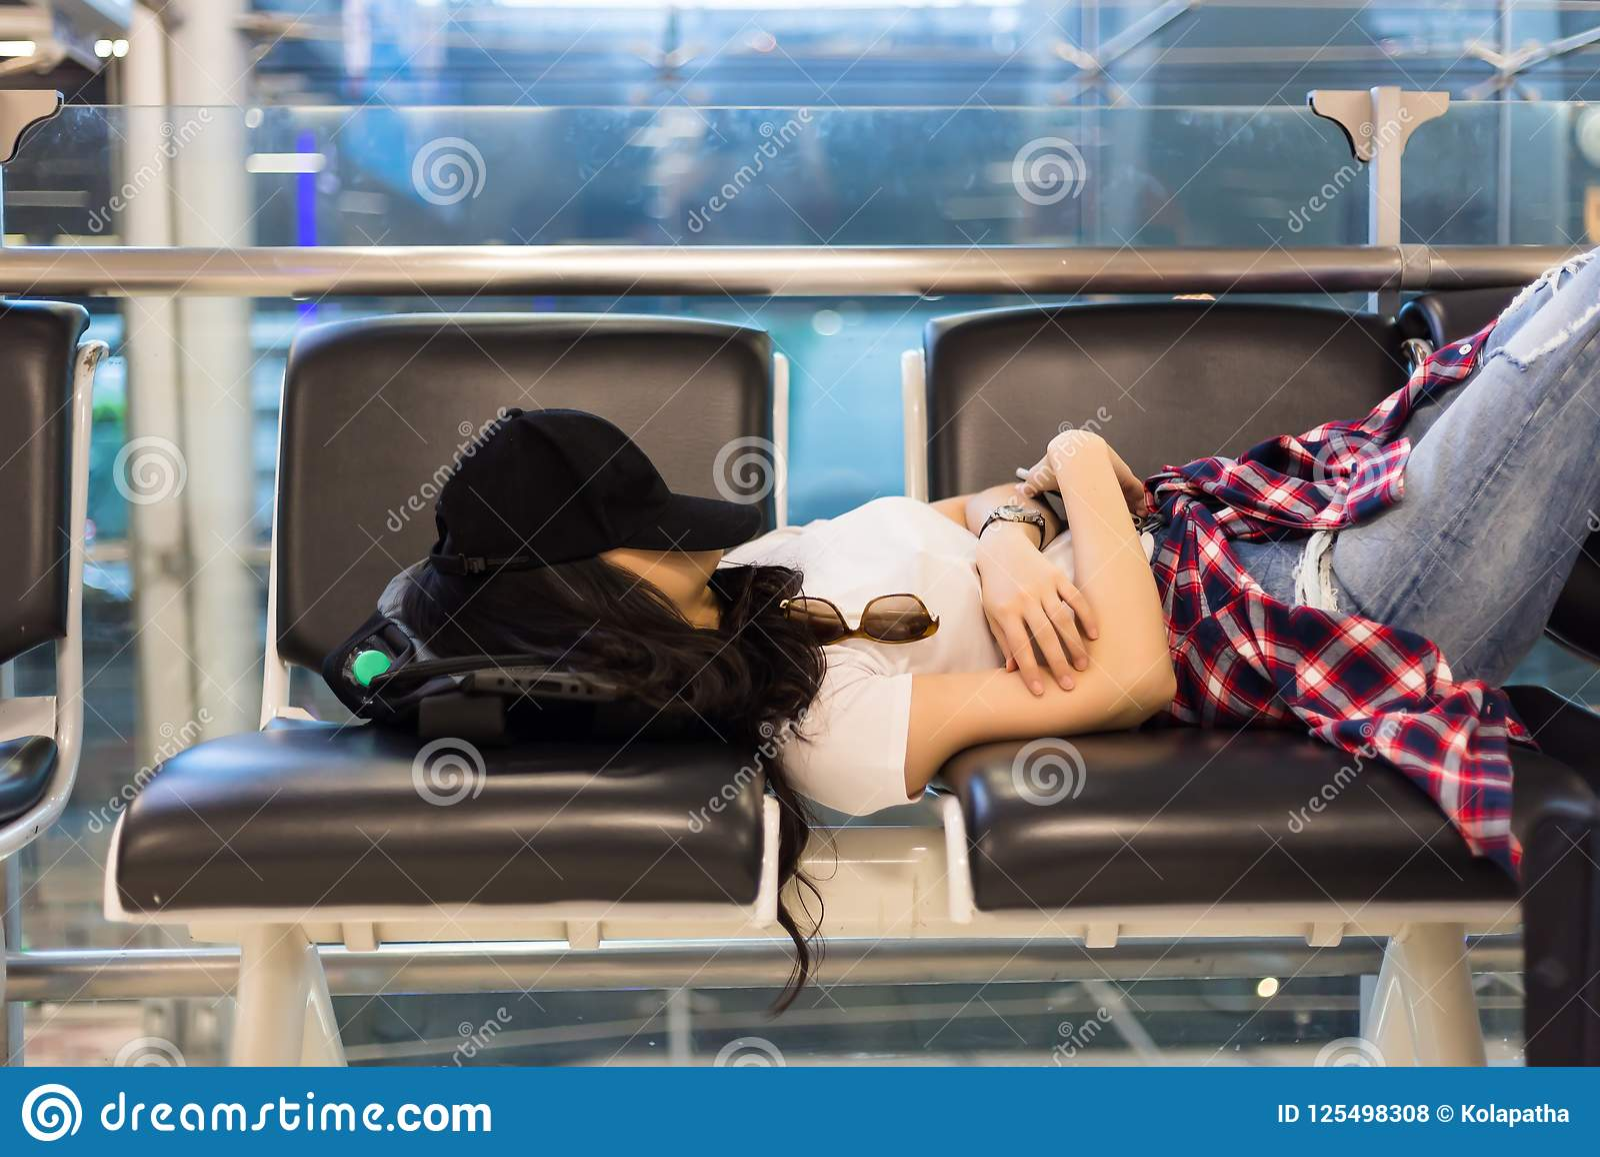 Atrakcyjny kobiety odczucie próbujący i zanudza, lot dostaje póżno, opóźnienie